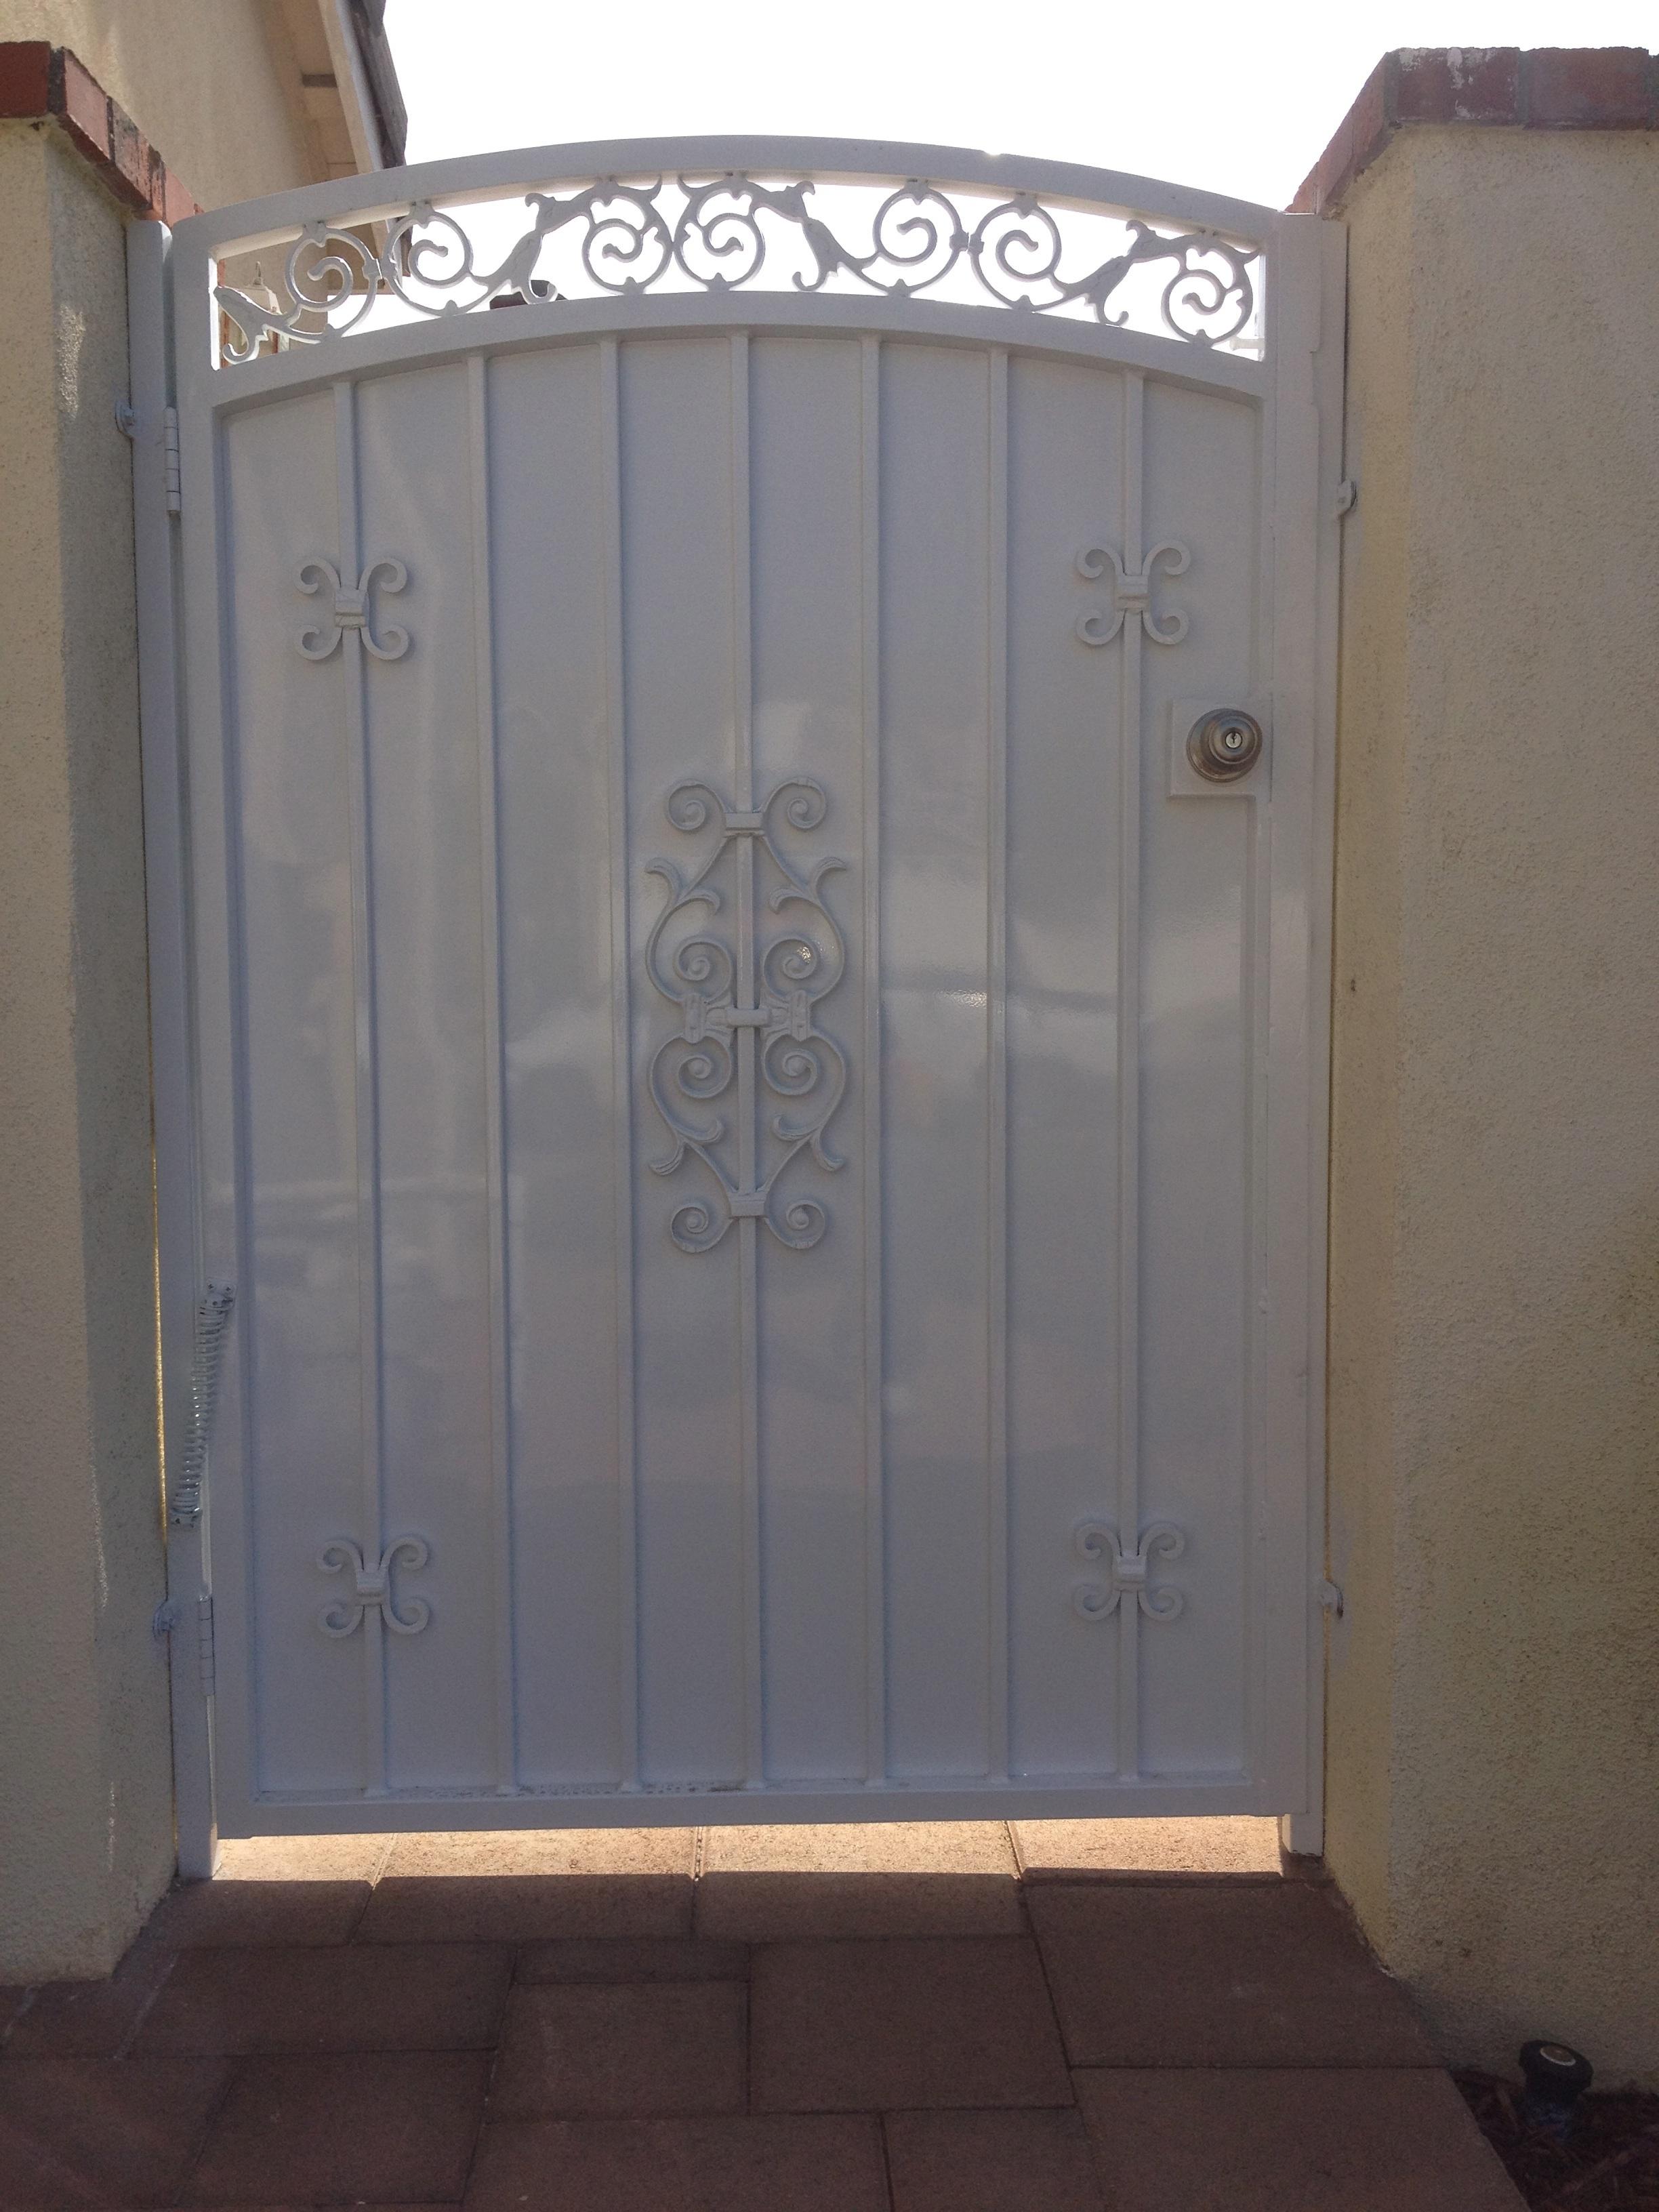 Gate #32